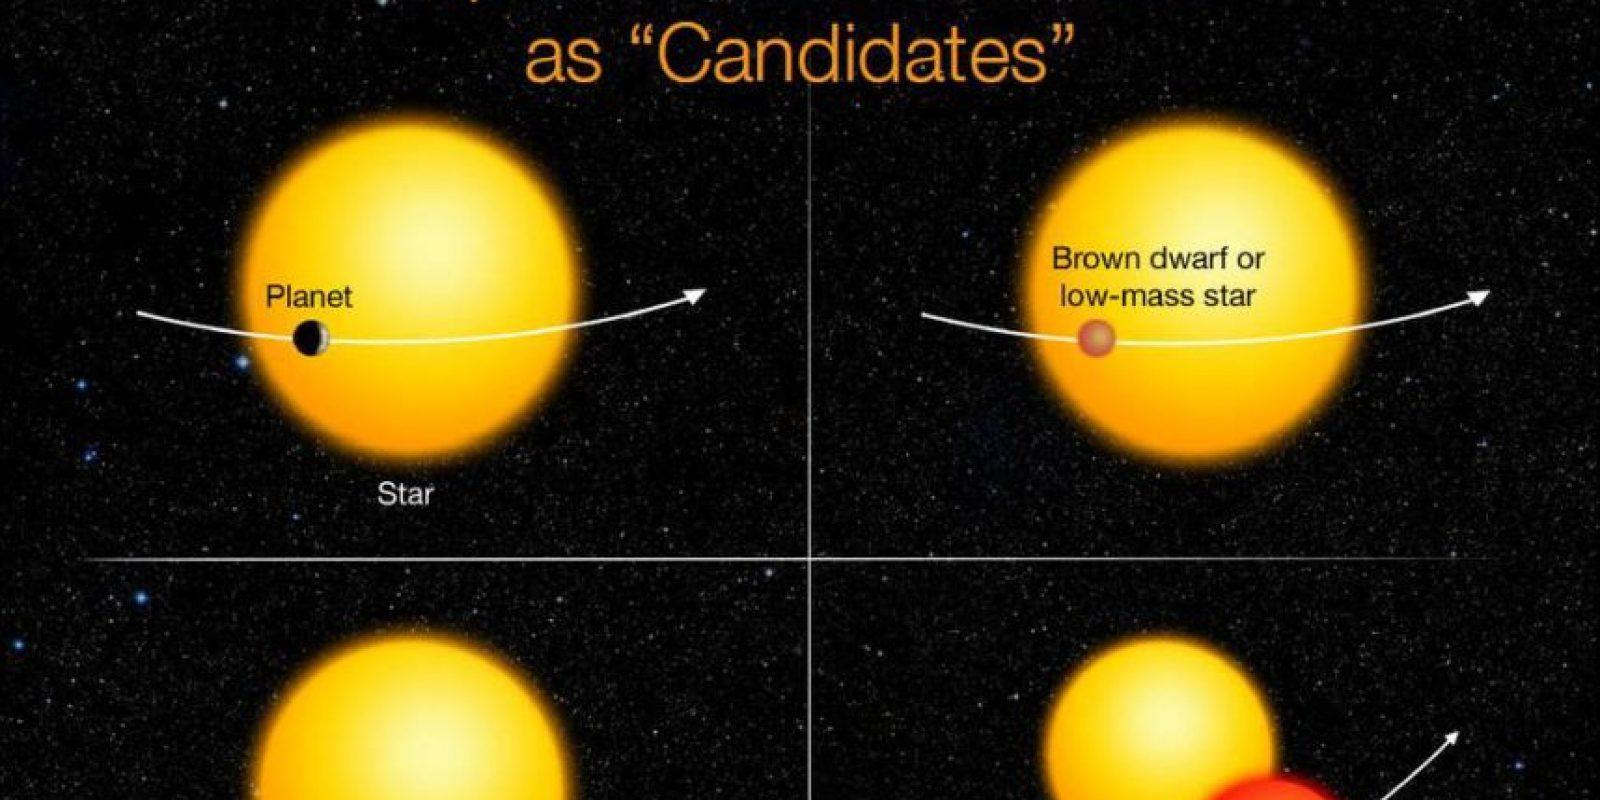 La misión Kepler estudia objetos que orbitan cerca de soles y descarta que sean otras estrellas u objetos que no sean planetas Foto:NASA. Imagen Por: